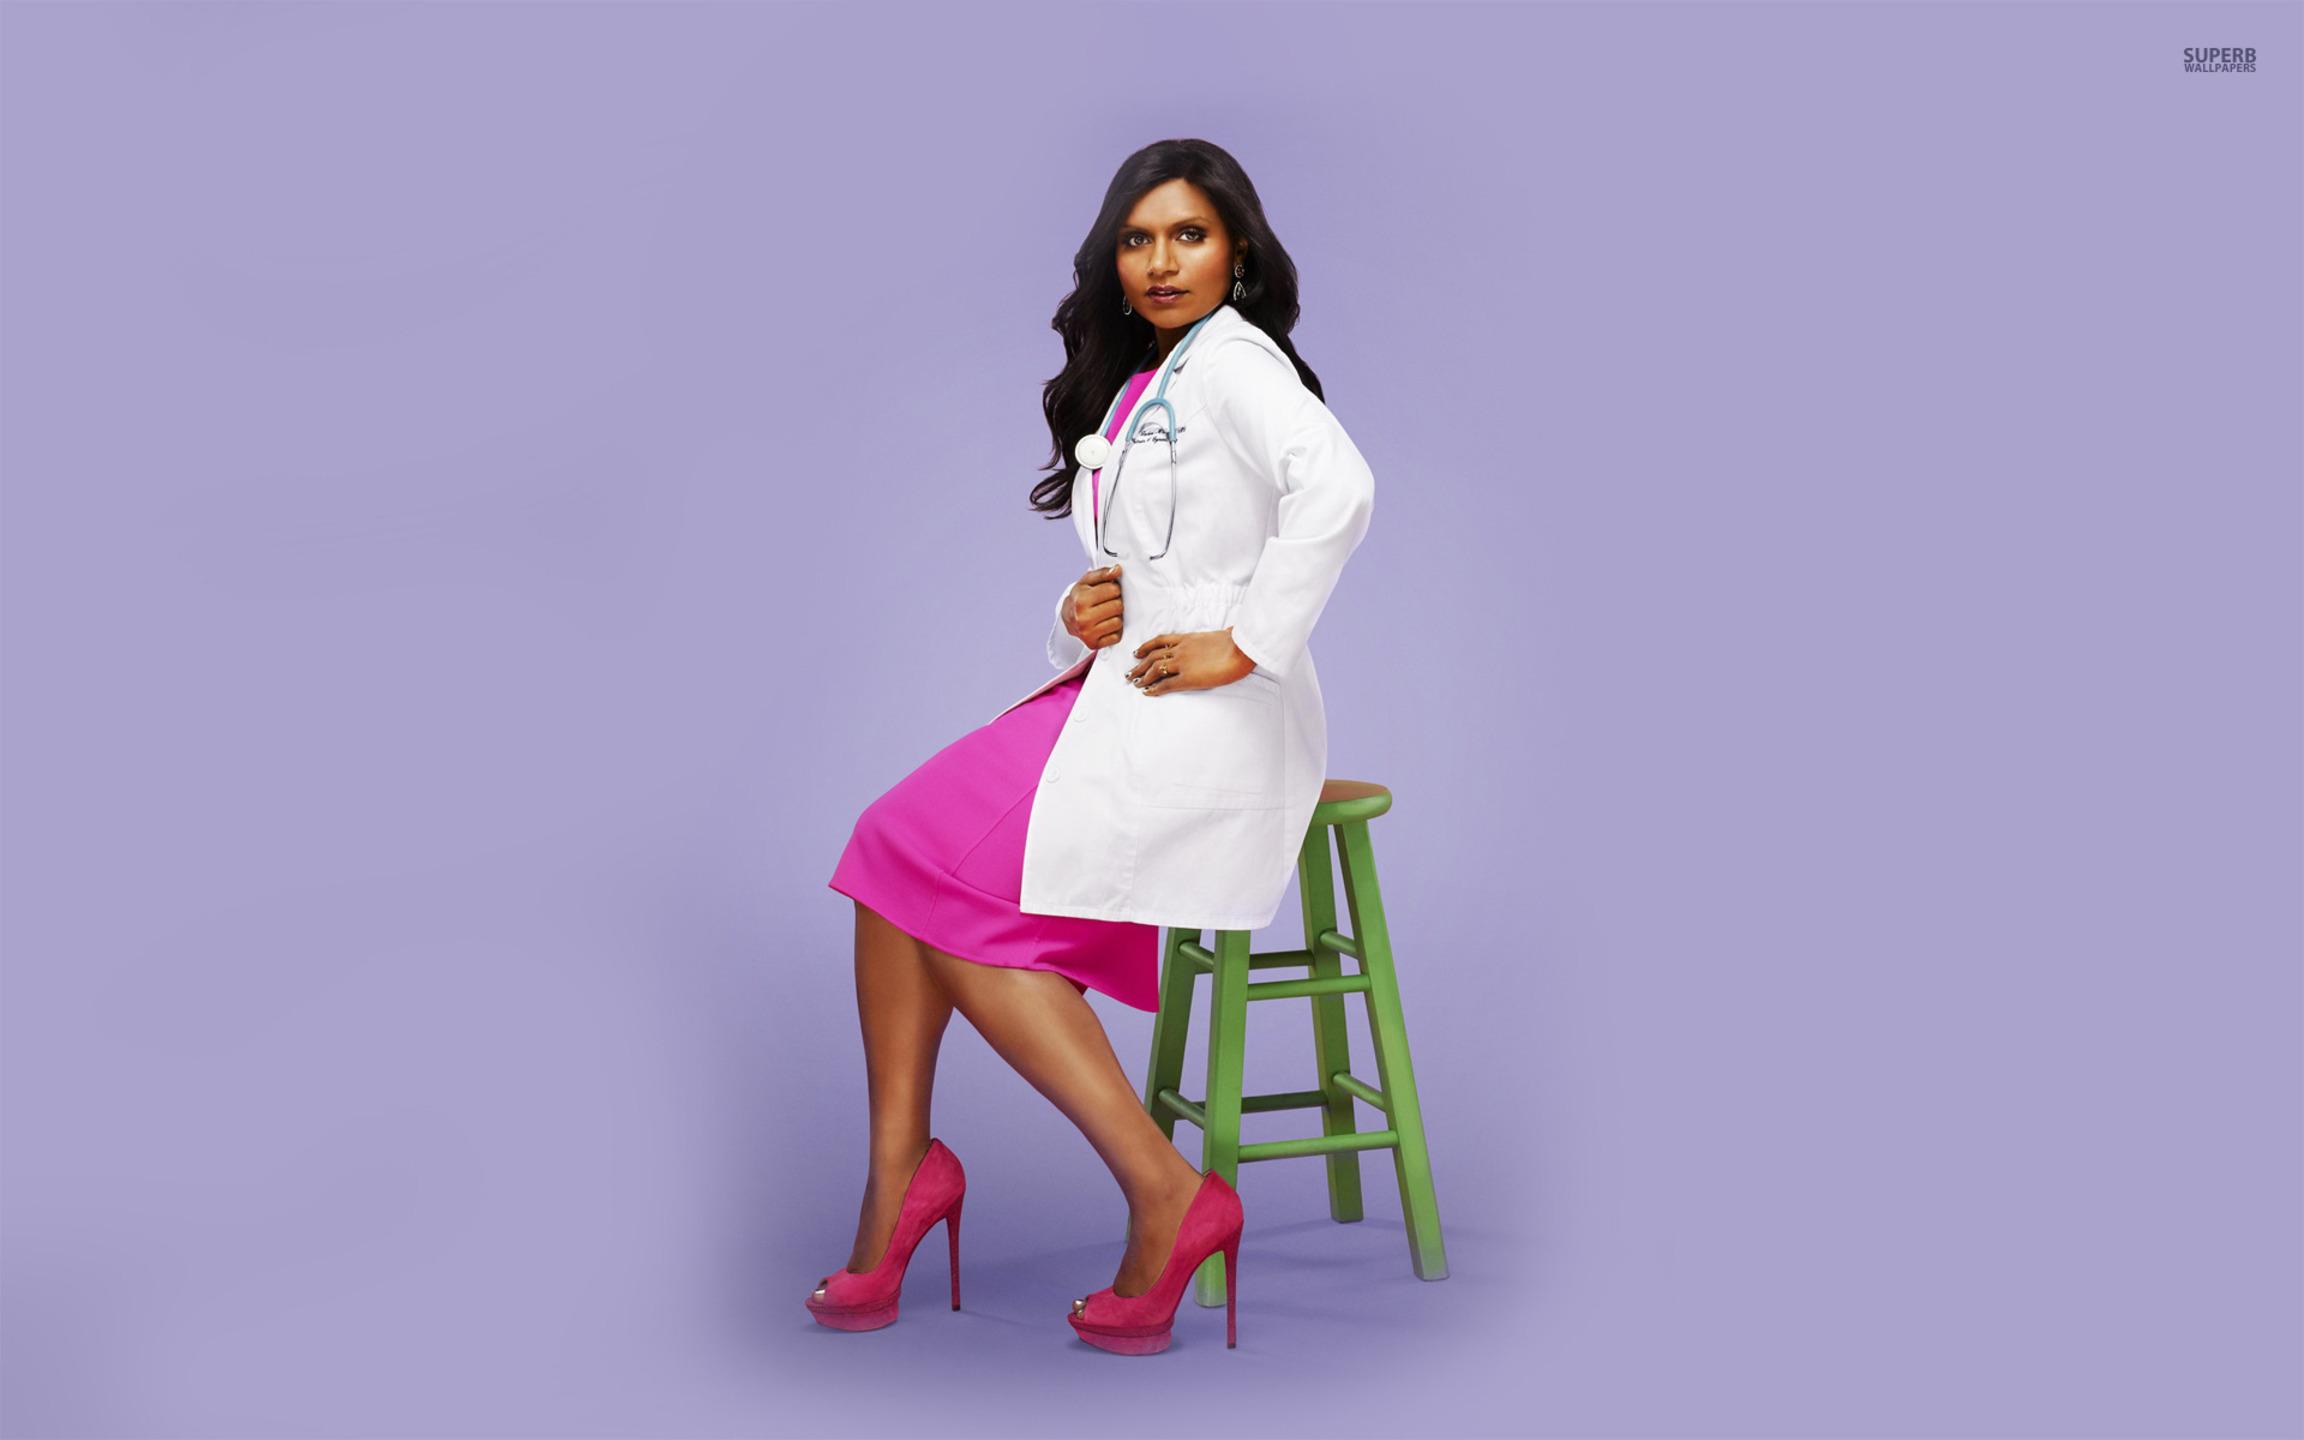 dr mindy lahiri Wallpaper HD Wallpaper   HD 2304x1440